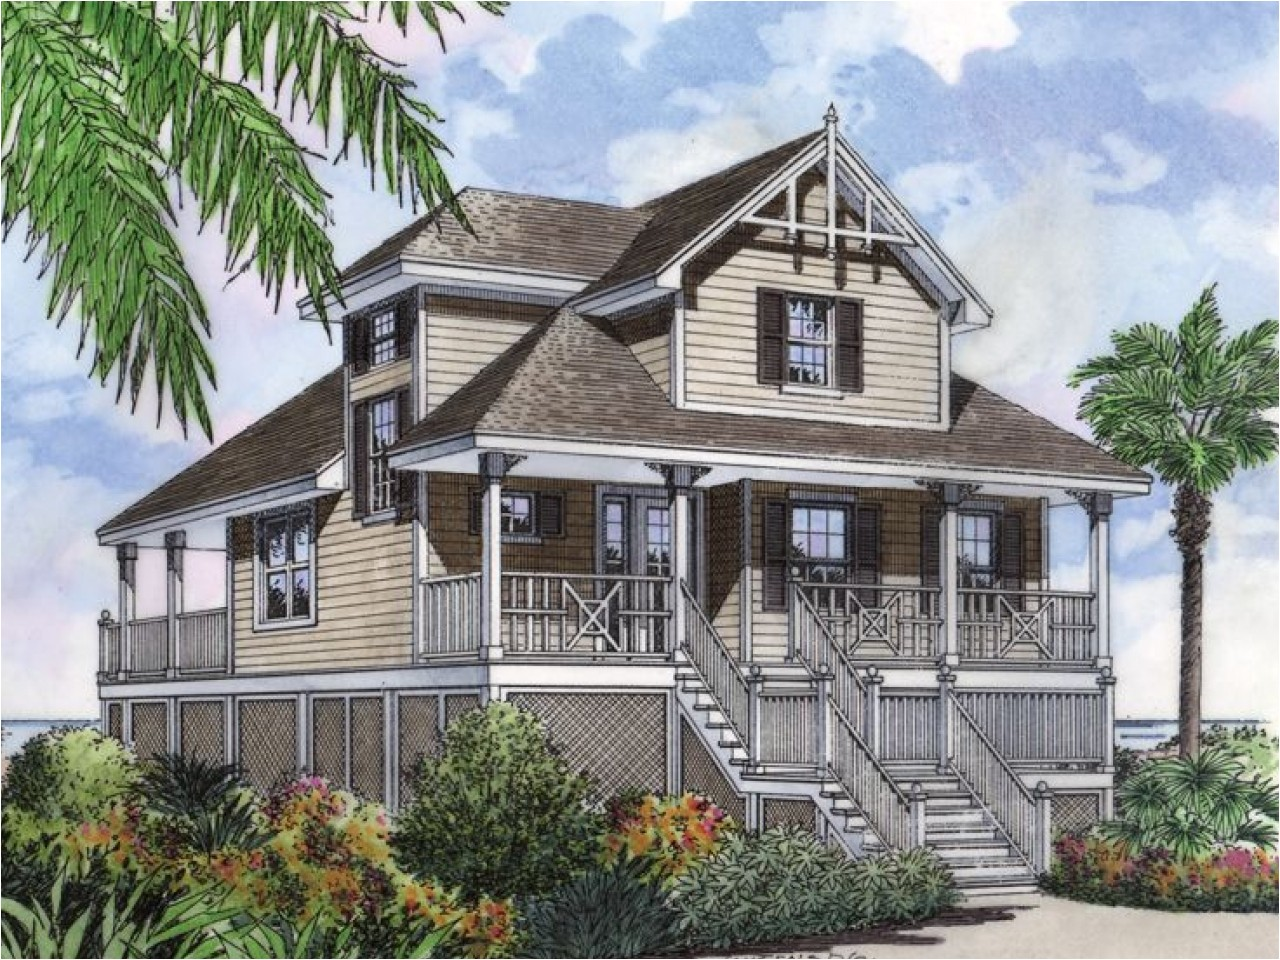 b55ecd78528a6cfa beach house on stilts floor plans small beach house on stilts